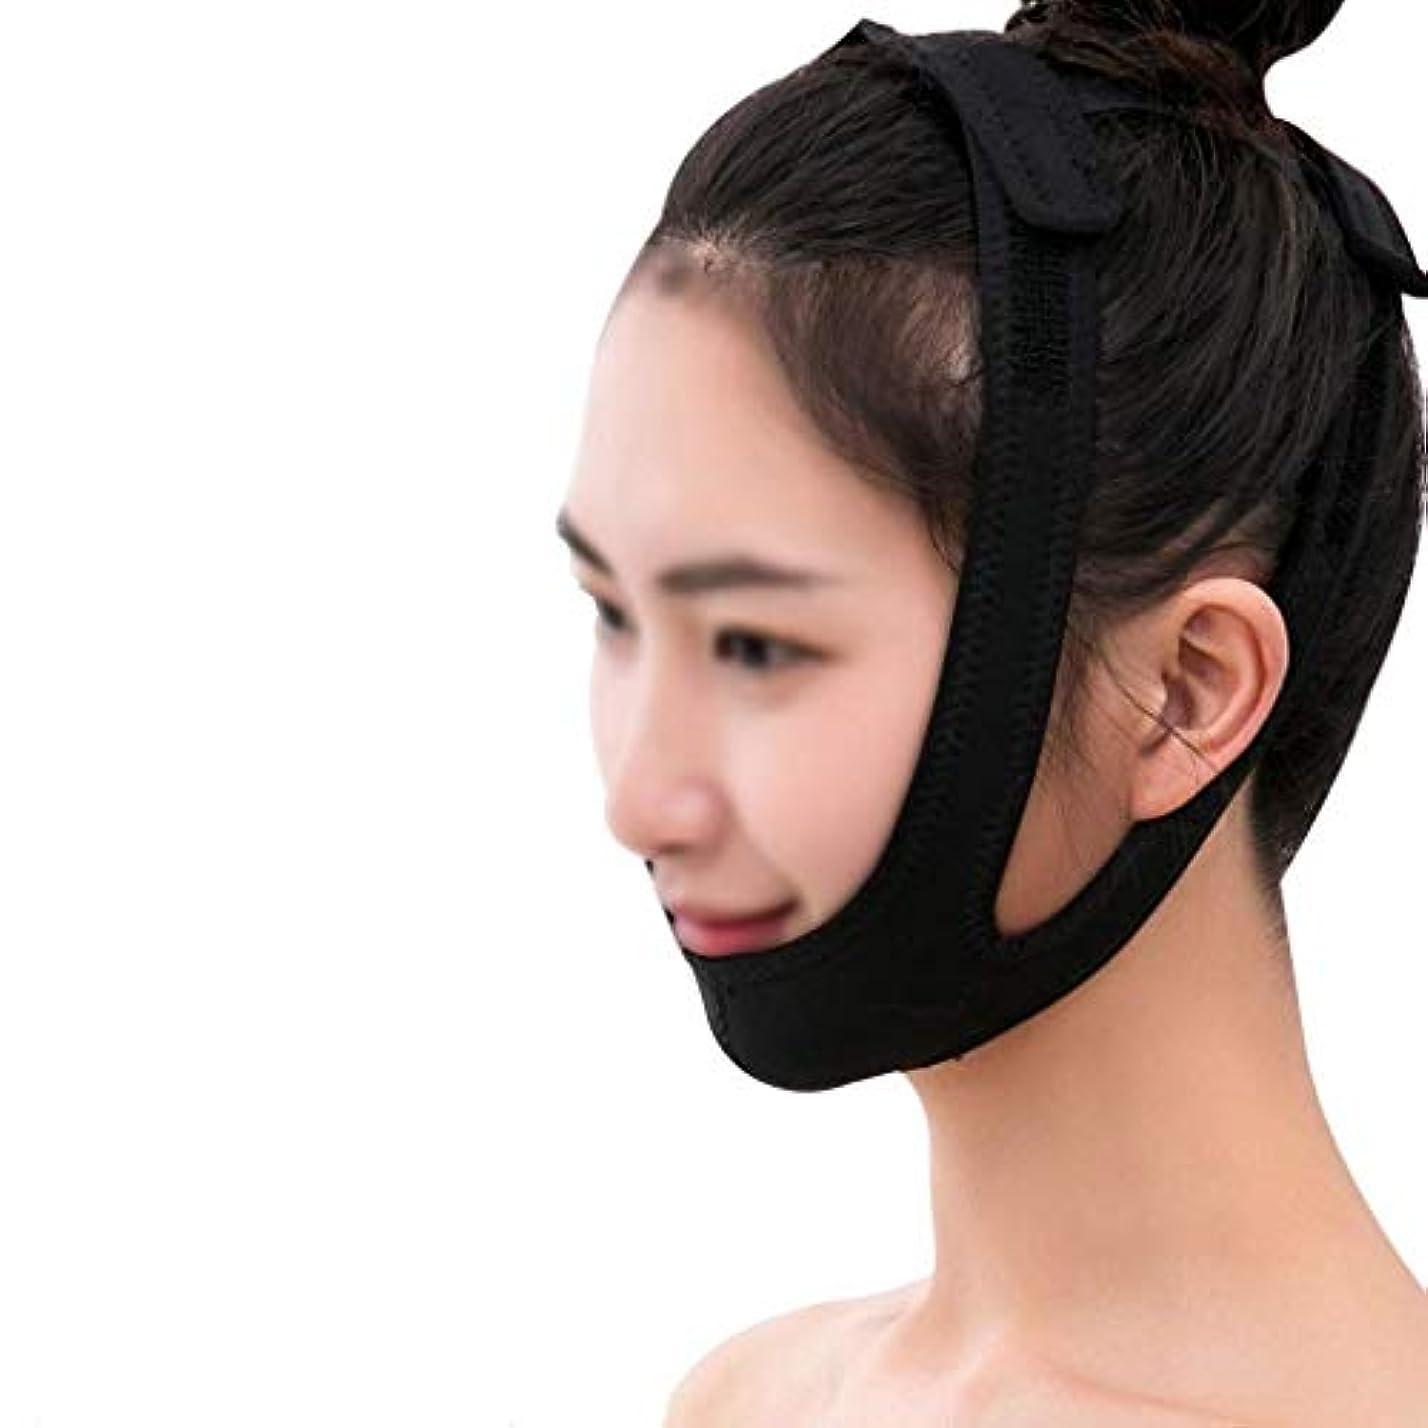 ポーターバースト子供っぽいフェイシャルリフティングマスク、医療用ワイヤーカービングリカバリーヘッドギアVフェイスバンデージダブルチンフェイスリフトマスク